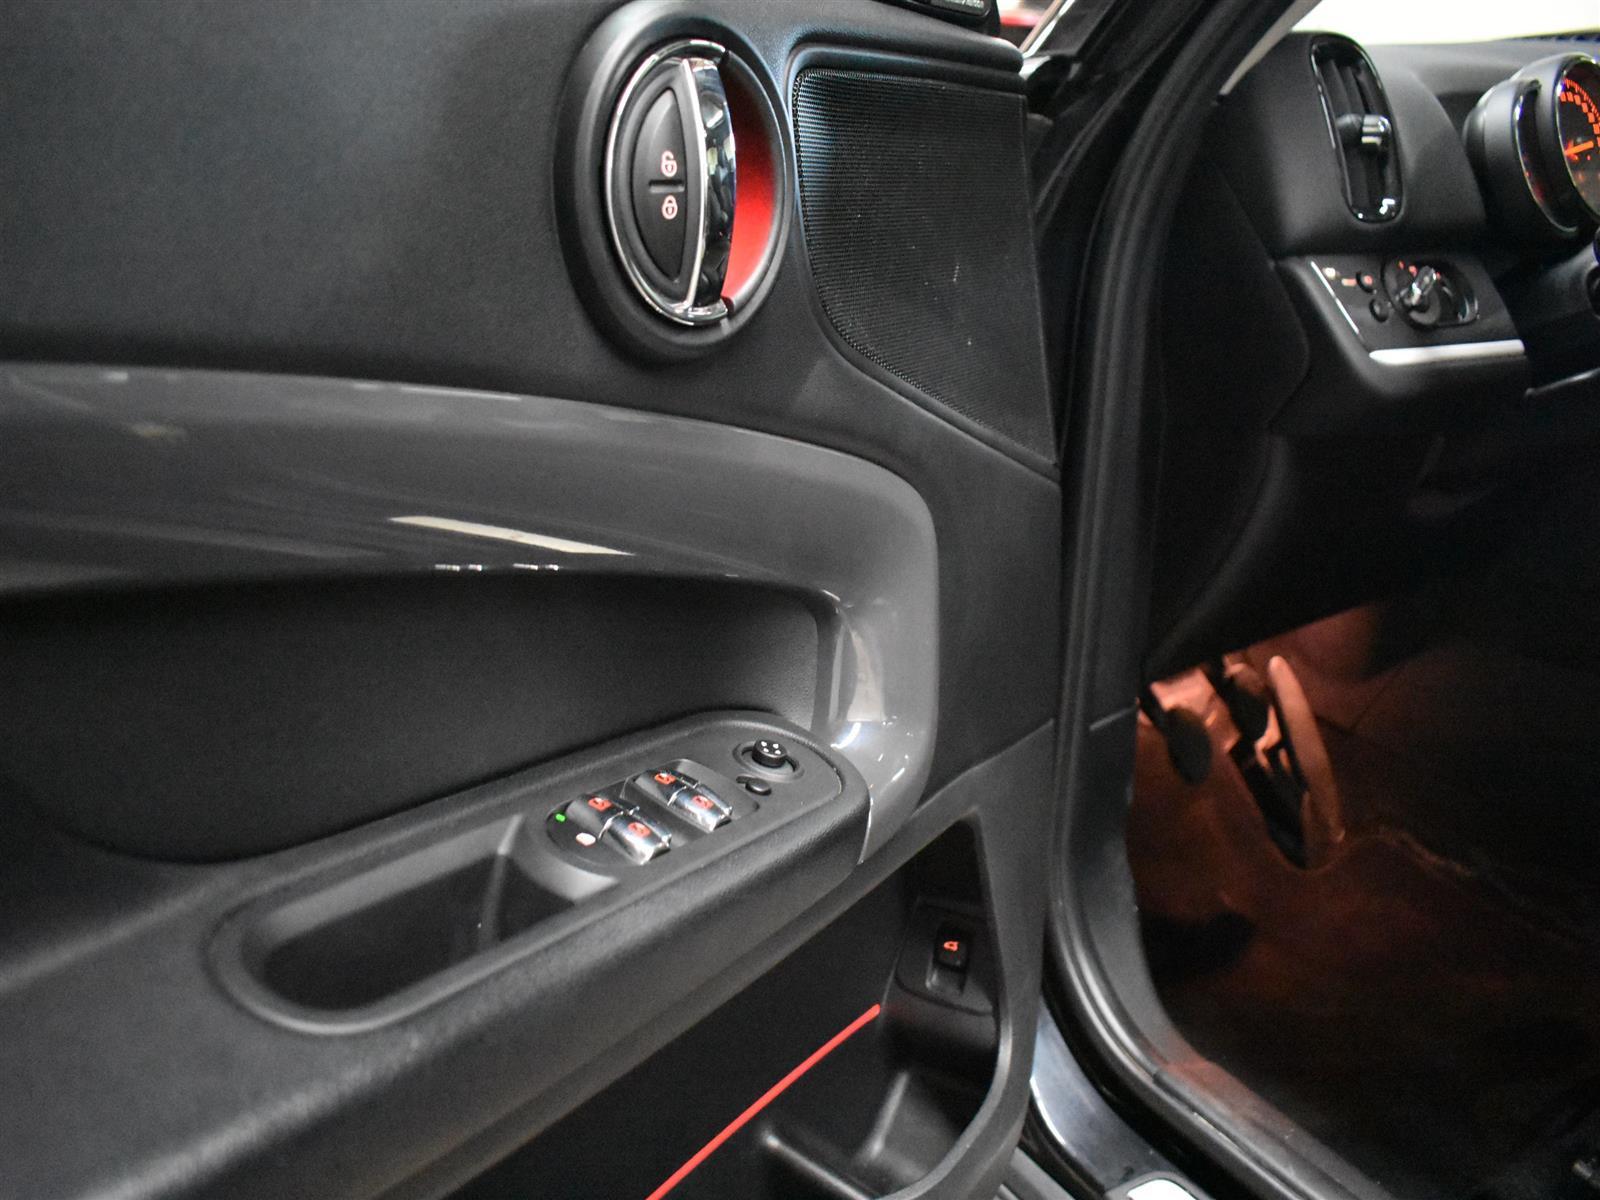 2017 MINI Cooper Countryman S